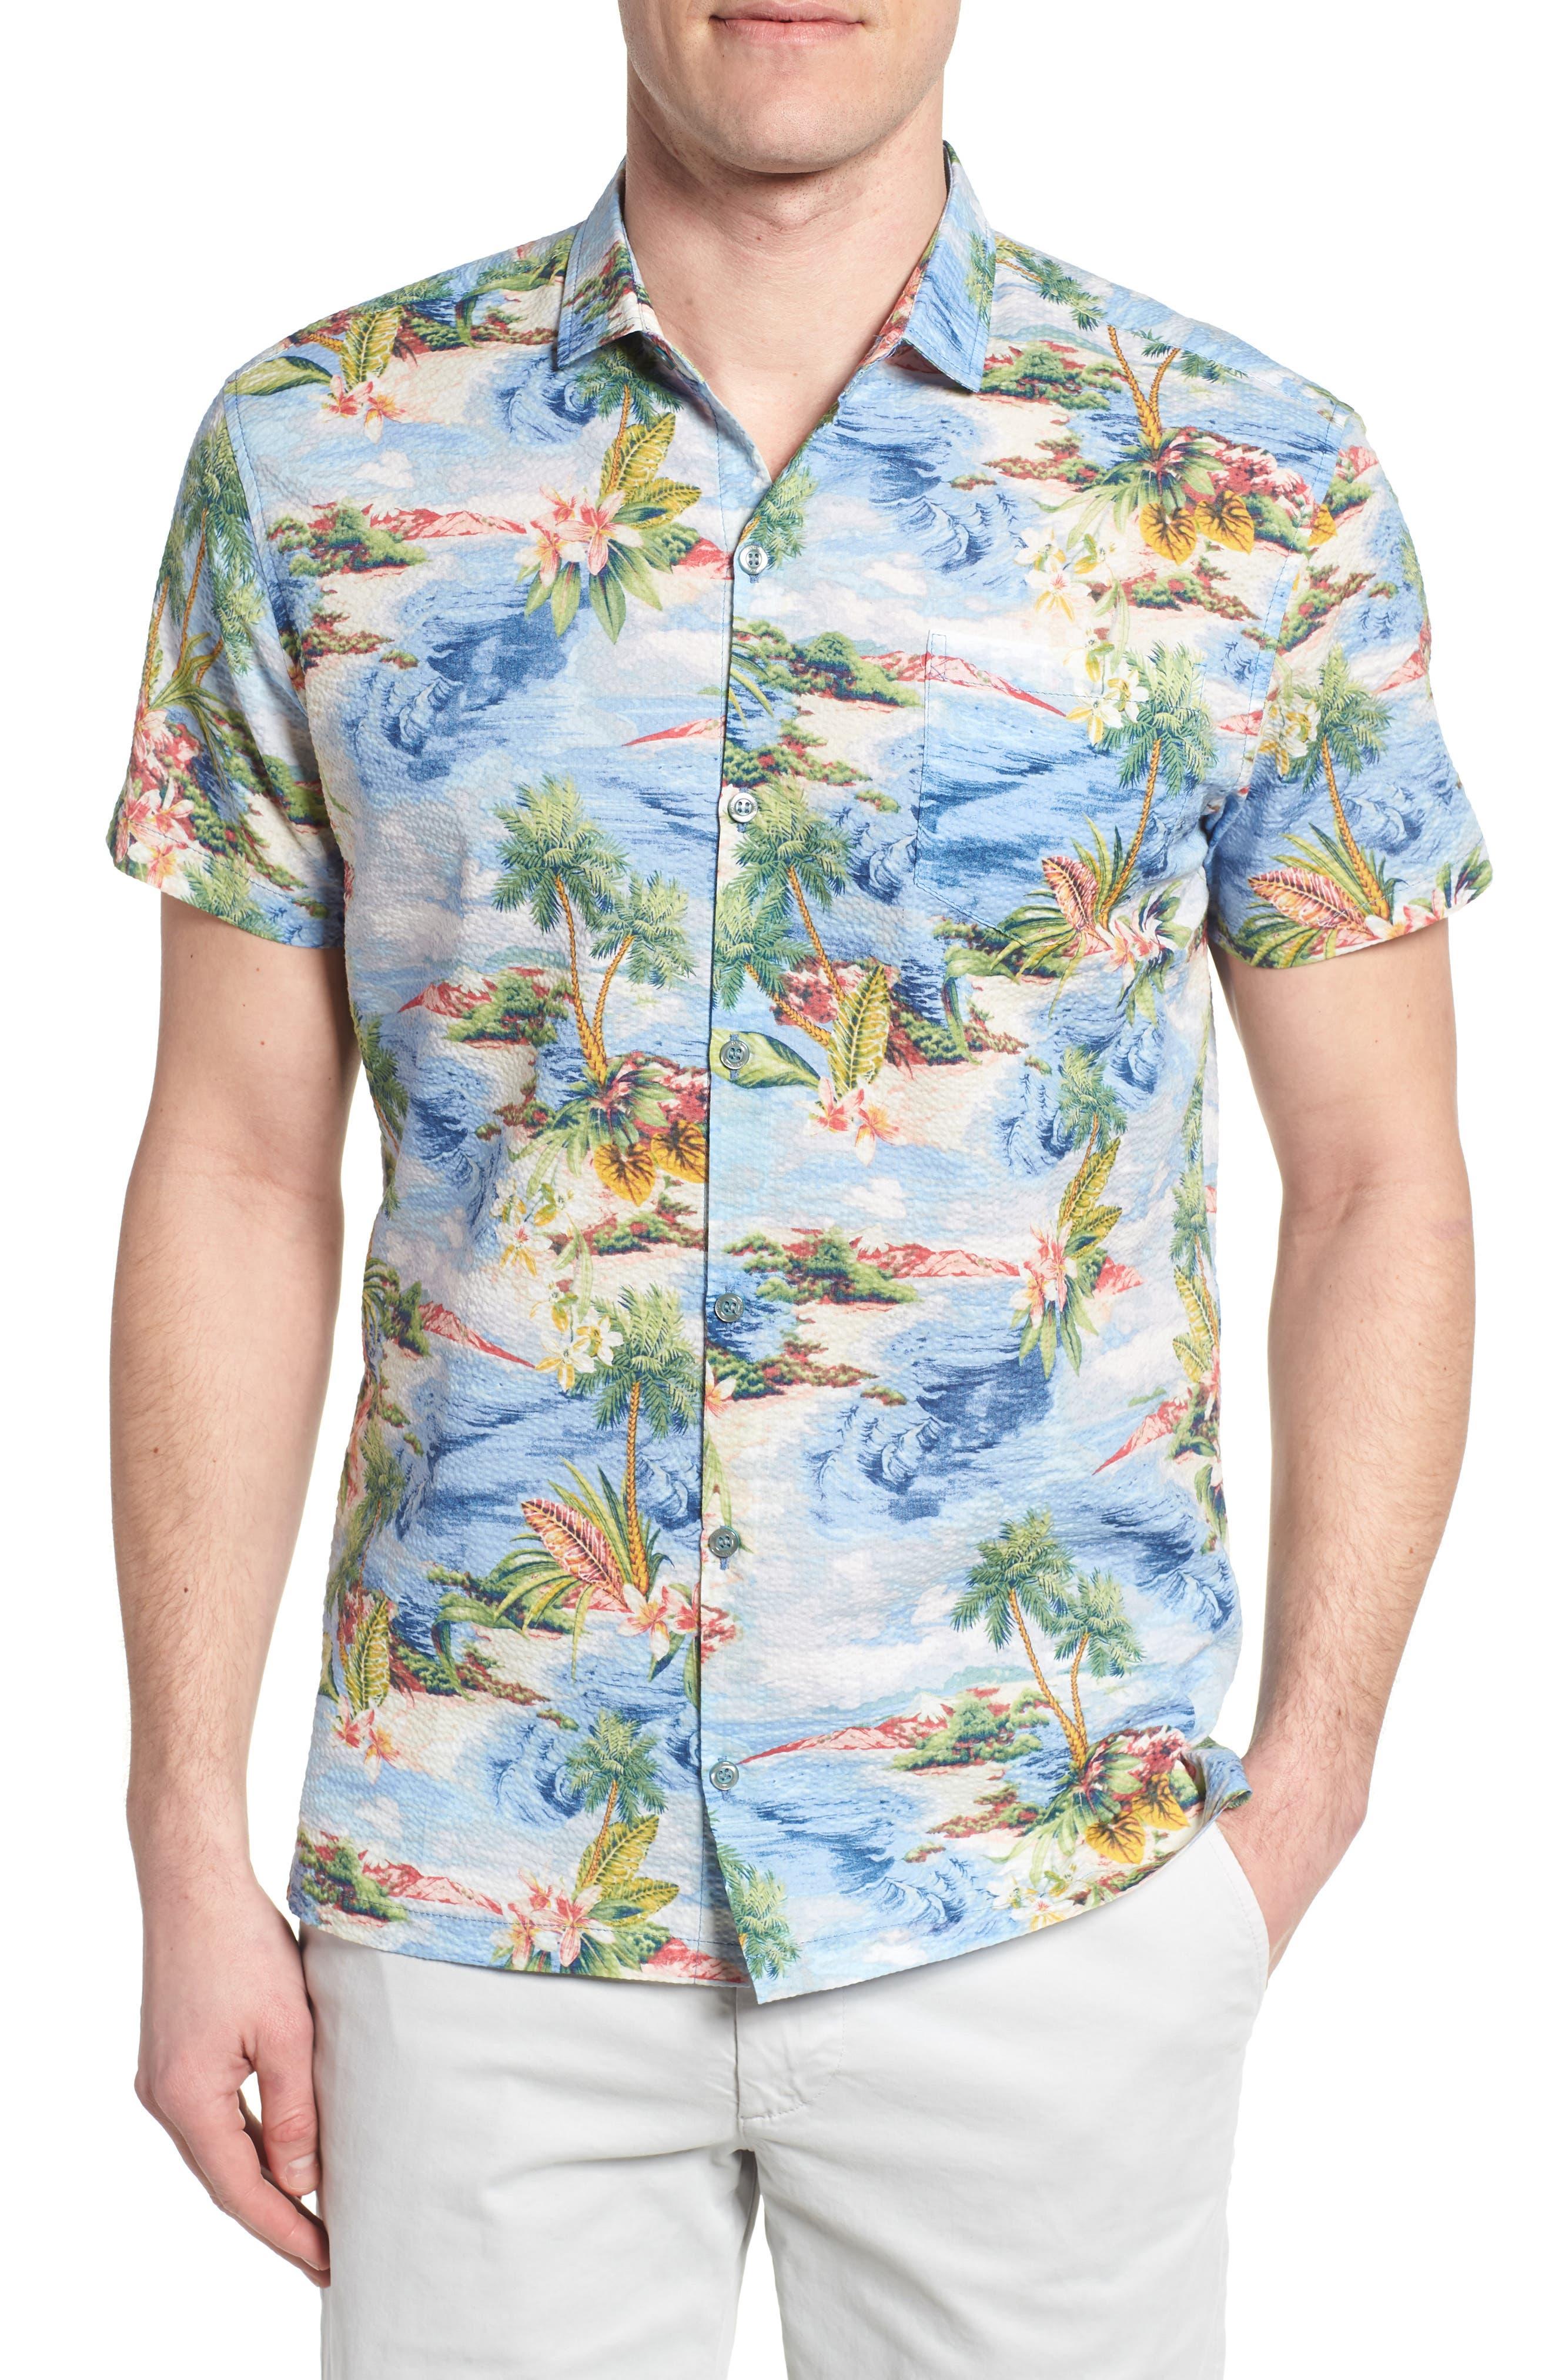 Tori Richard Private Isle Trim Fit Camp Shirt